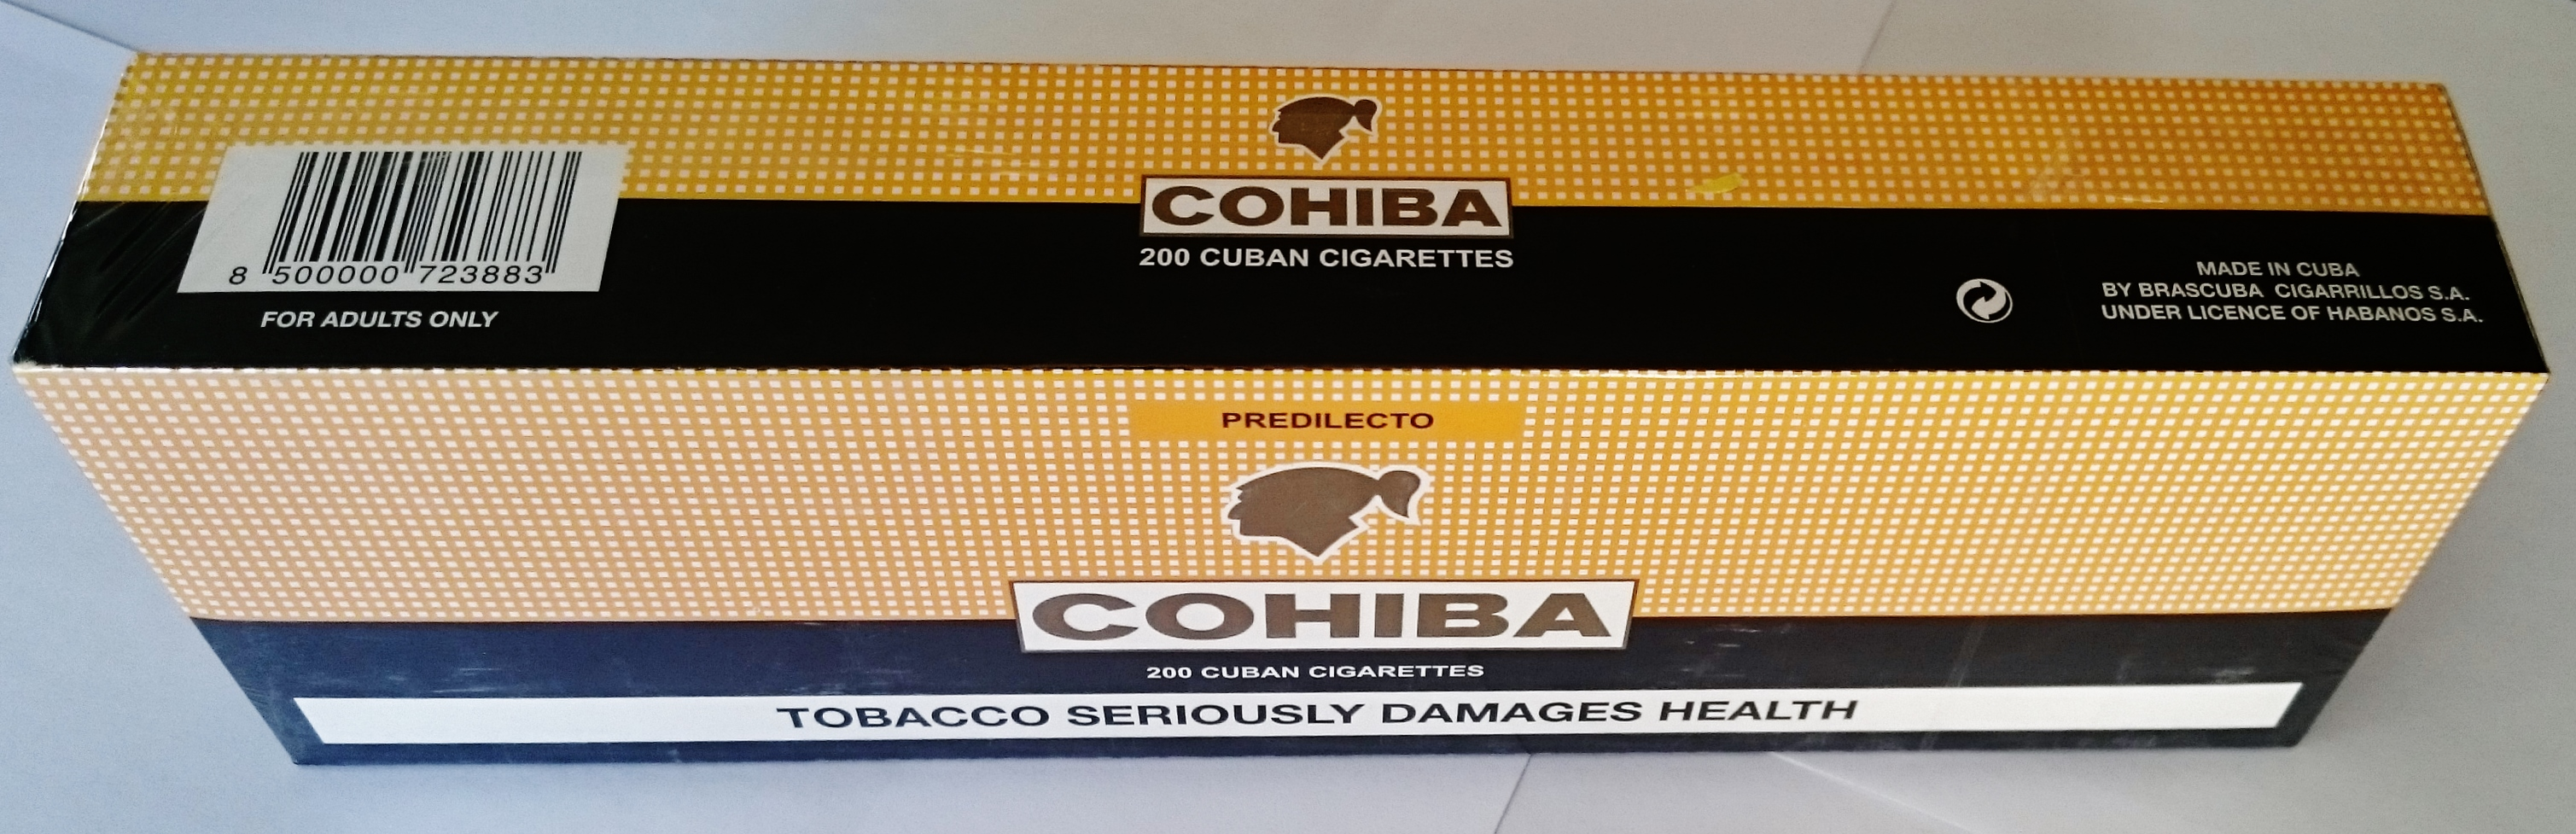 Сигареты cohiba predilecto купить электронные сигареты и аксессуары к ним оптом